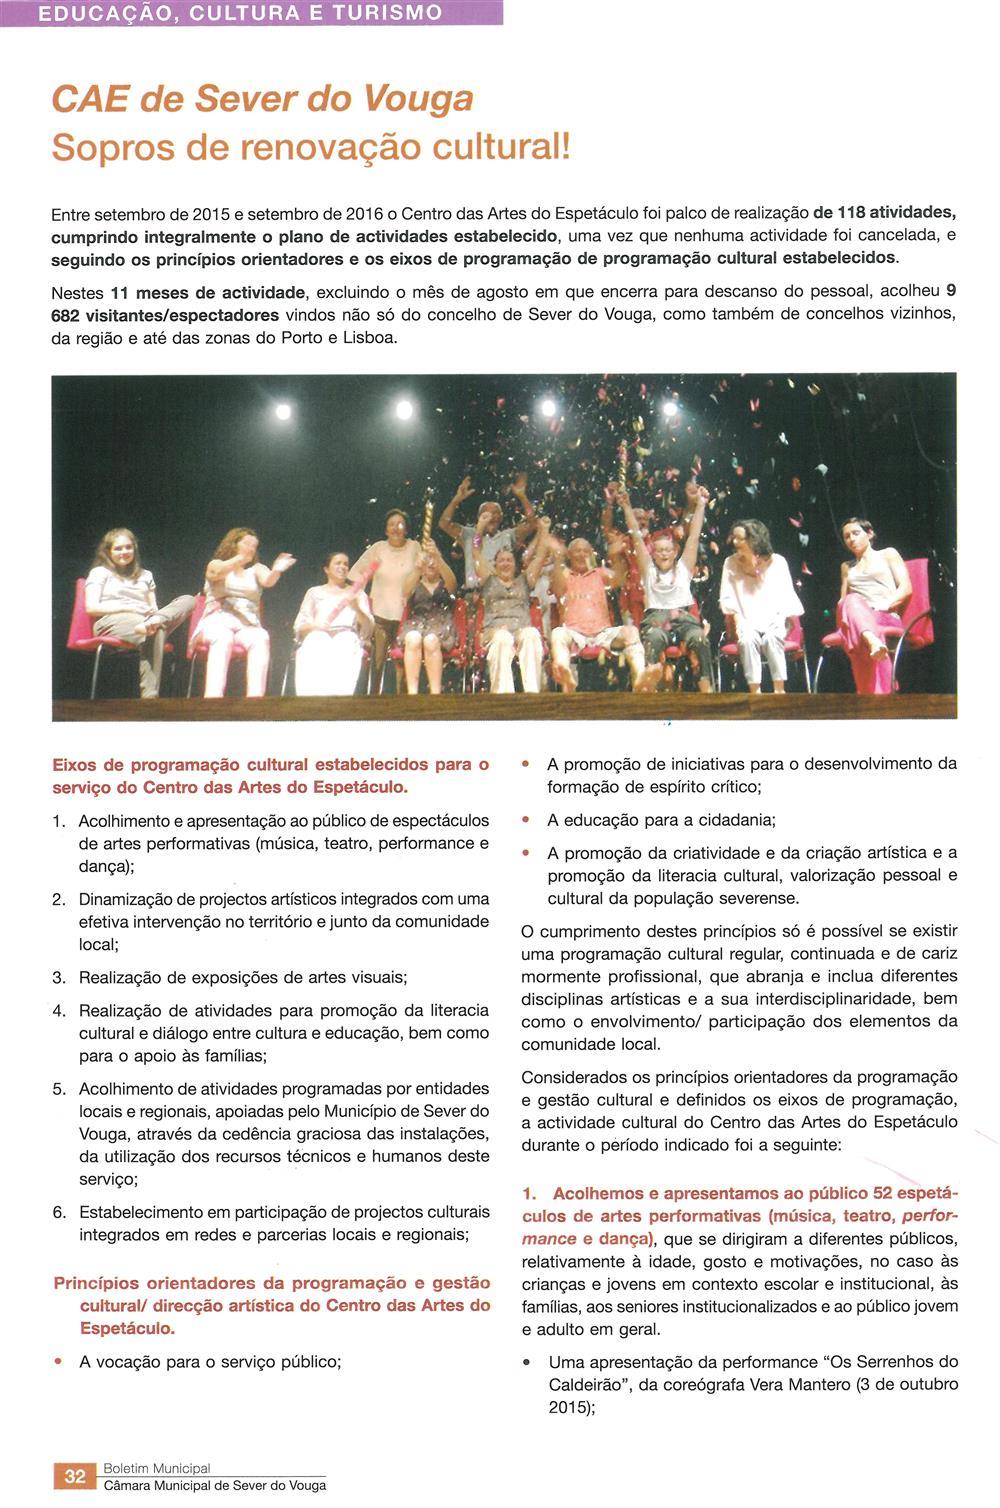 BoletimMunicipal-n.º 33-nov.'16-p.32-CAE de Sever do Vouga [1.ª de sete partes] : sopros de renovação cultural.jpg